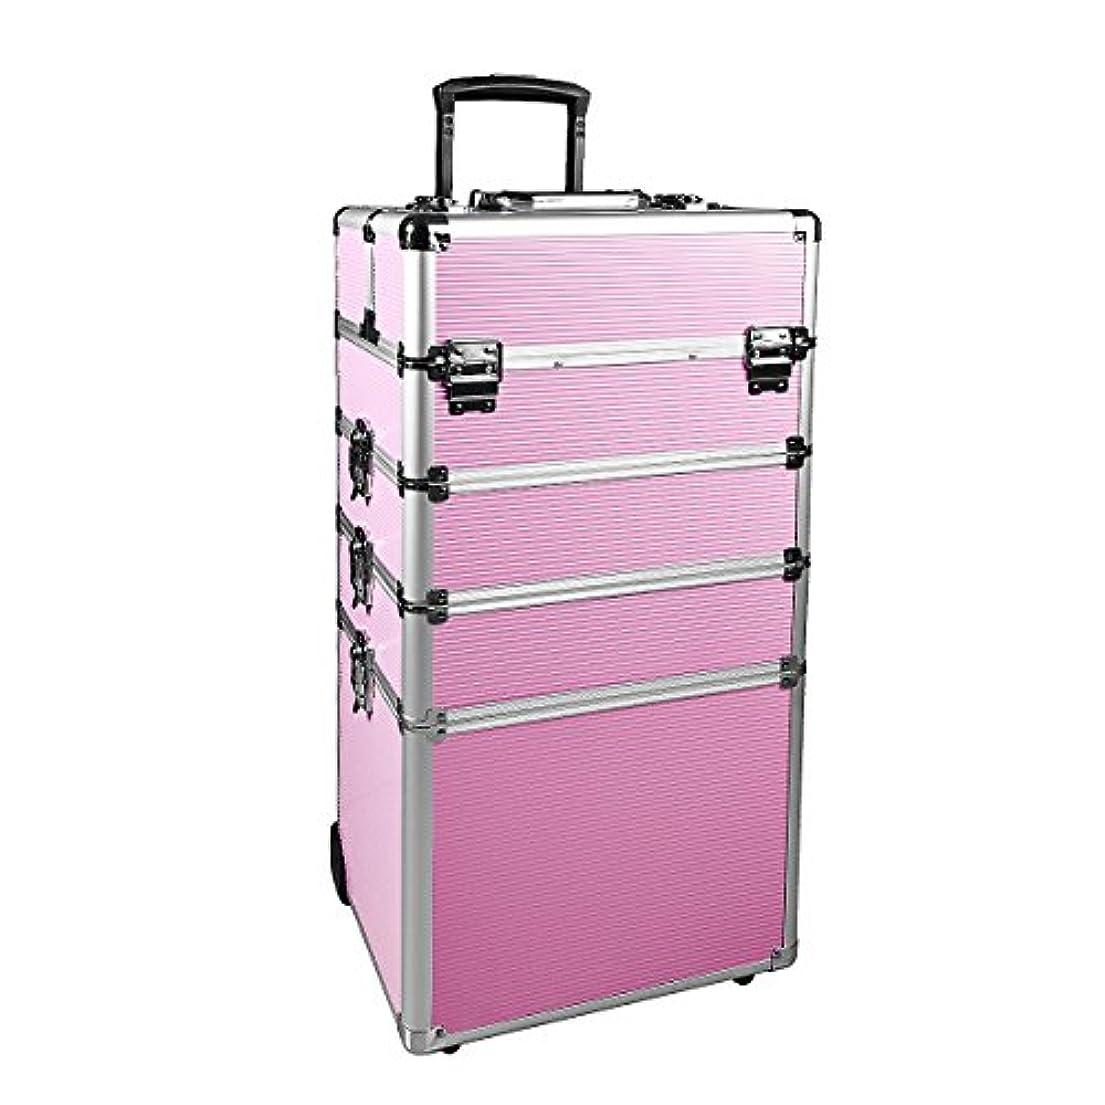 宣伝事前に持つNHSM 1つ プロ 化粧品ローリング主催 アルミフレームと折りたたみトレイで化粧列車 ケース4 ピンク